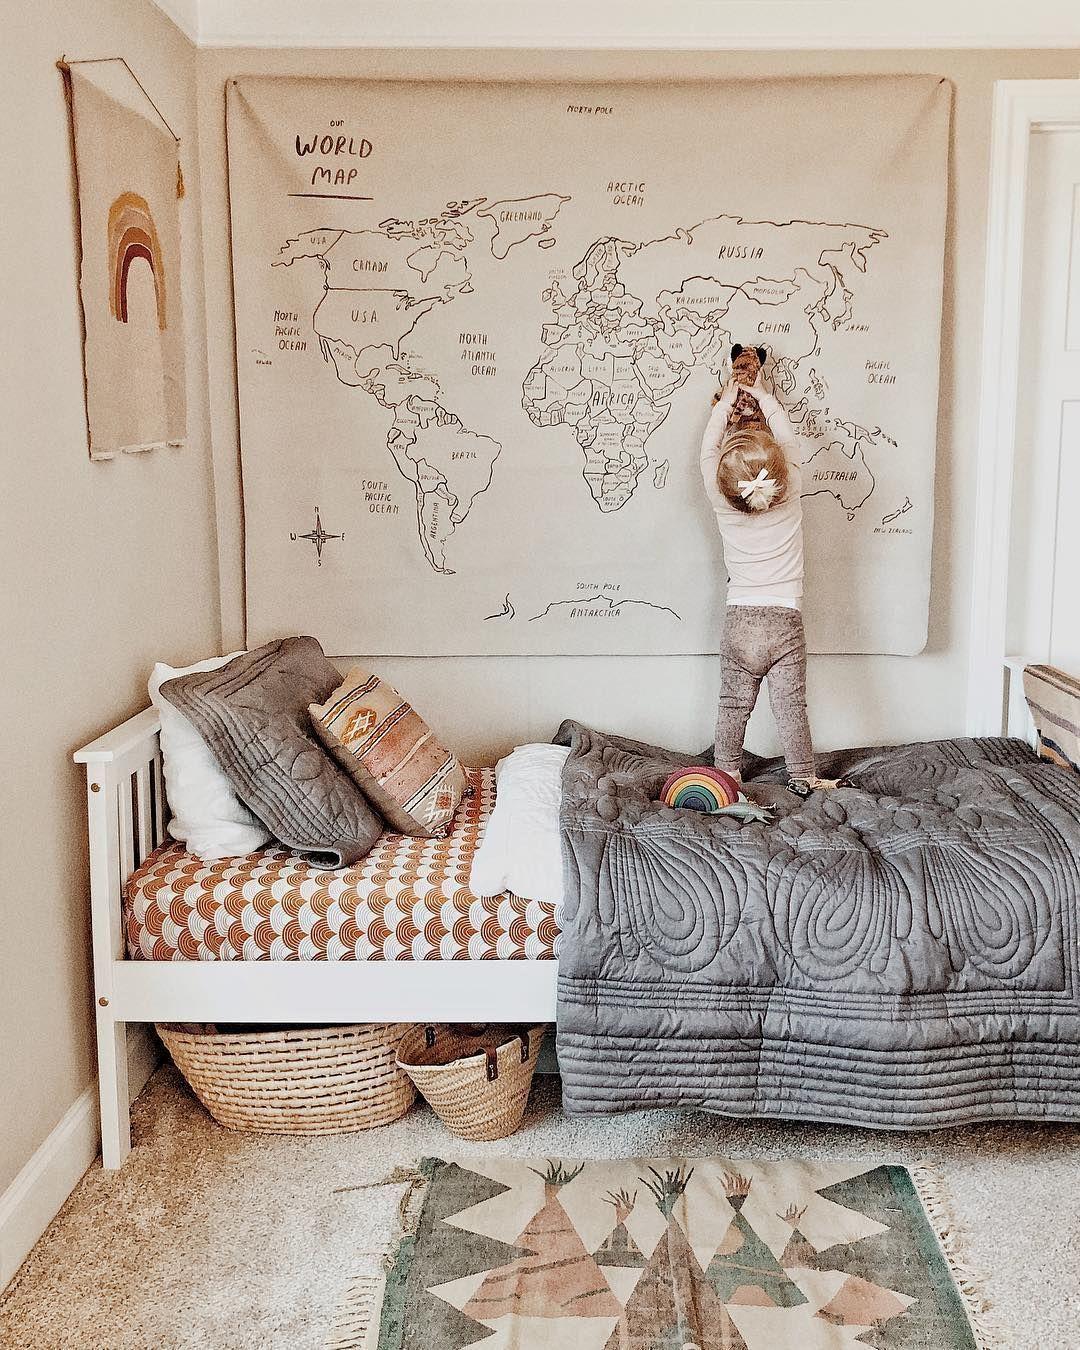 43 Impressive Bedroomdesign Ideas To Boys Roundecor Kid Room Decor Baby Room Decor Kids Bedroom Sets